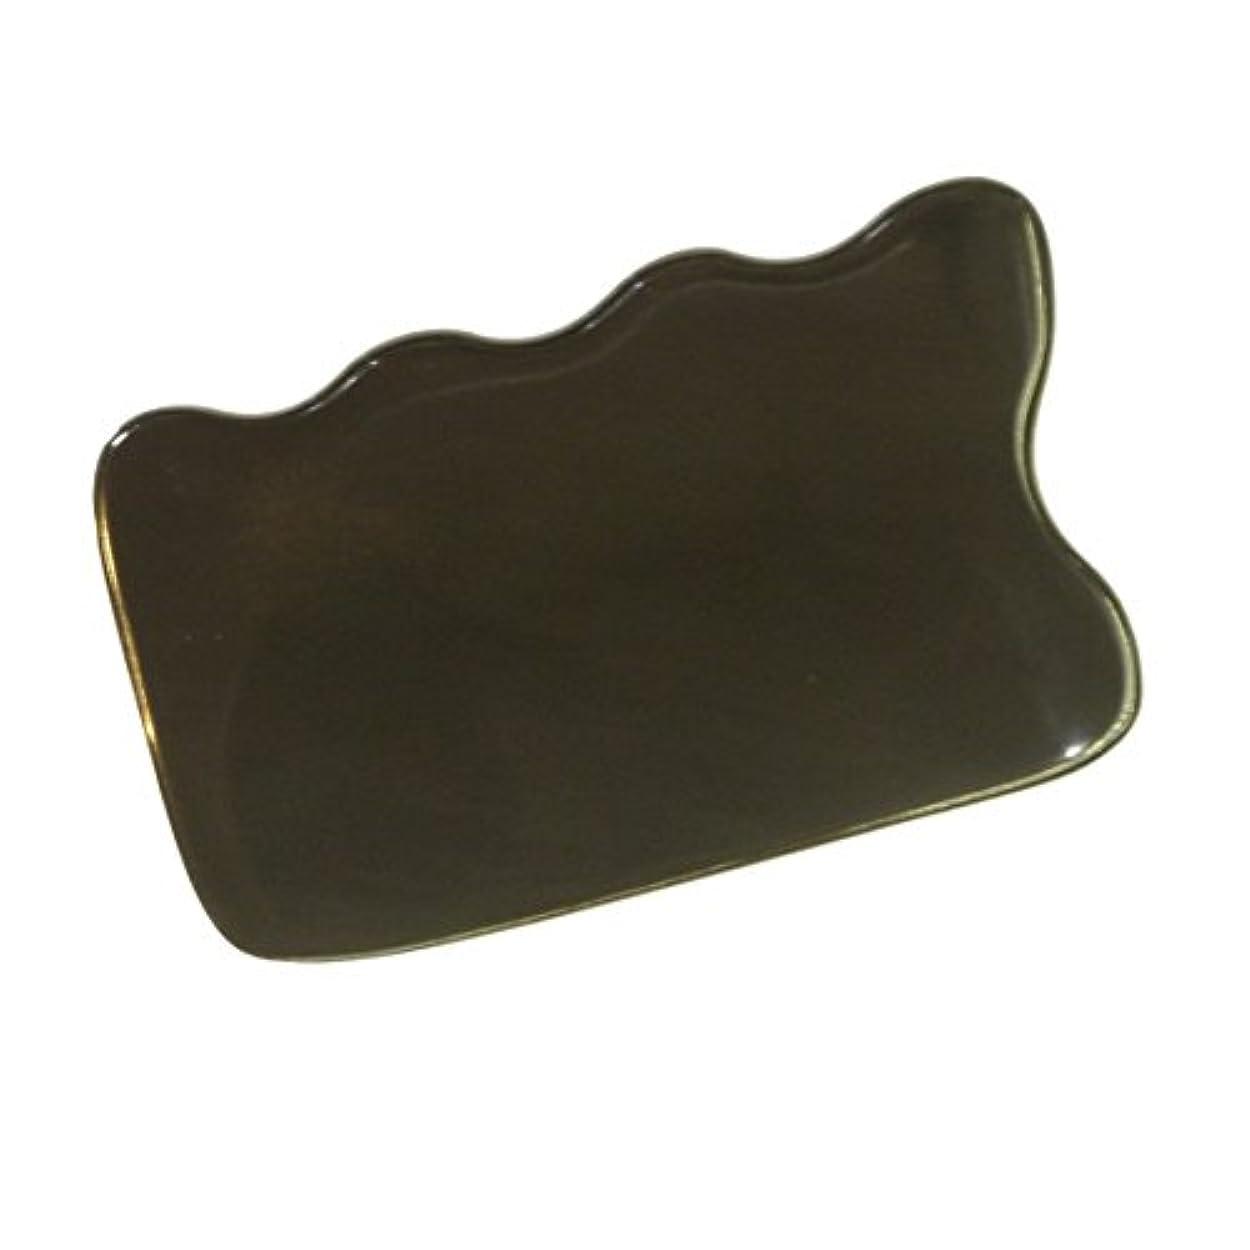 測定可能ミネラル学士かっさ プレート 厚さが選べる 水牛の角(黒水牛角) EHE220 四角波 一般品 厚め(7ミリ程度)